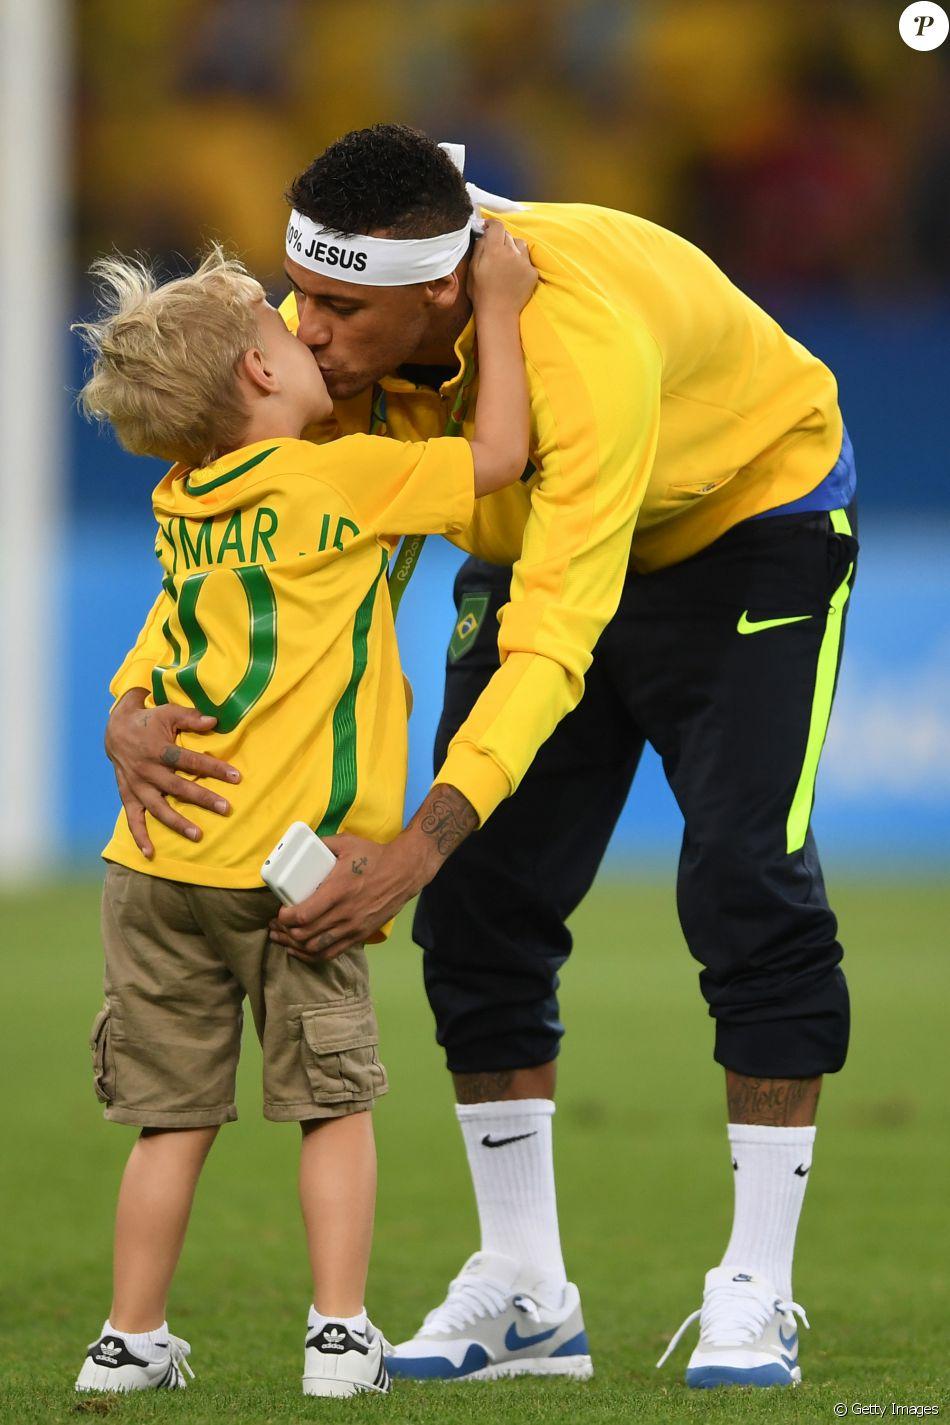 Neymar comemora medalha de ouro na Olimpíada Rio 2016 ao lado do filho, Davi Lucca, no Maracanã, em 20 de agosto de 2016